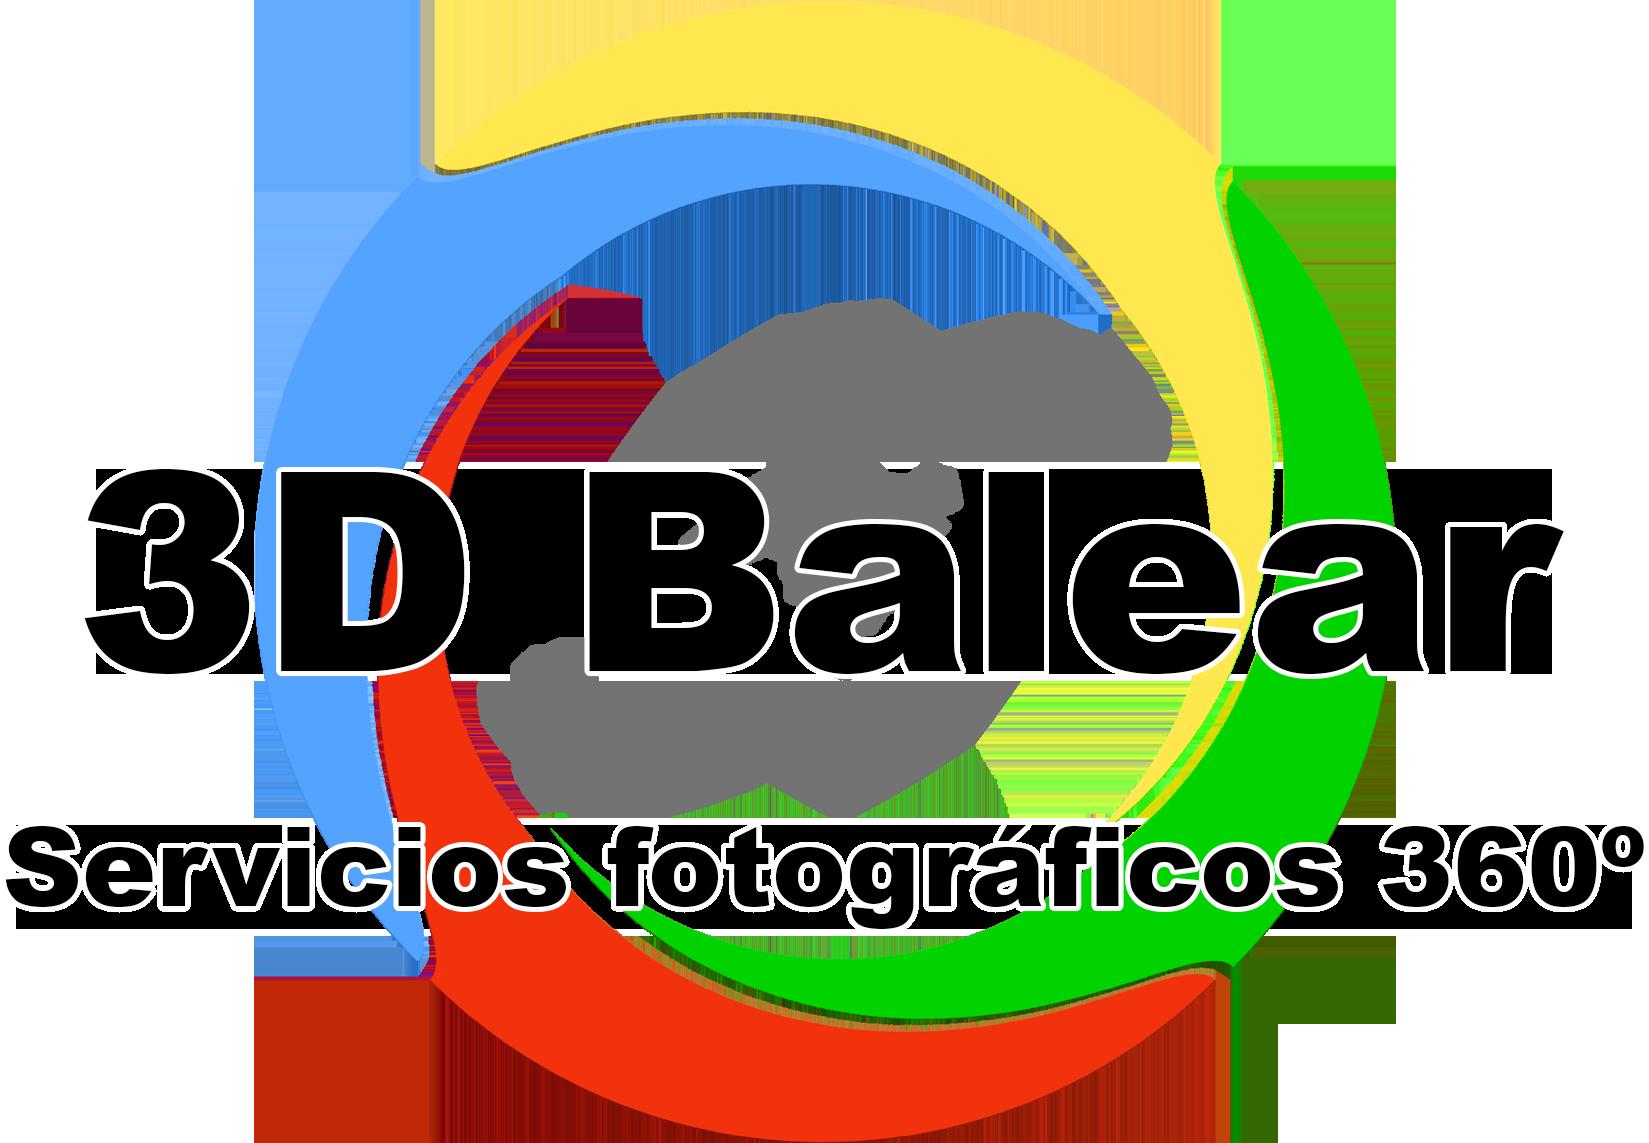 3dBalear – Tour virtual Mallorca, Menorca, Ibiza